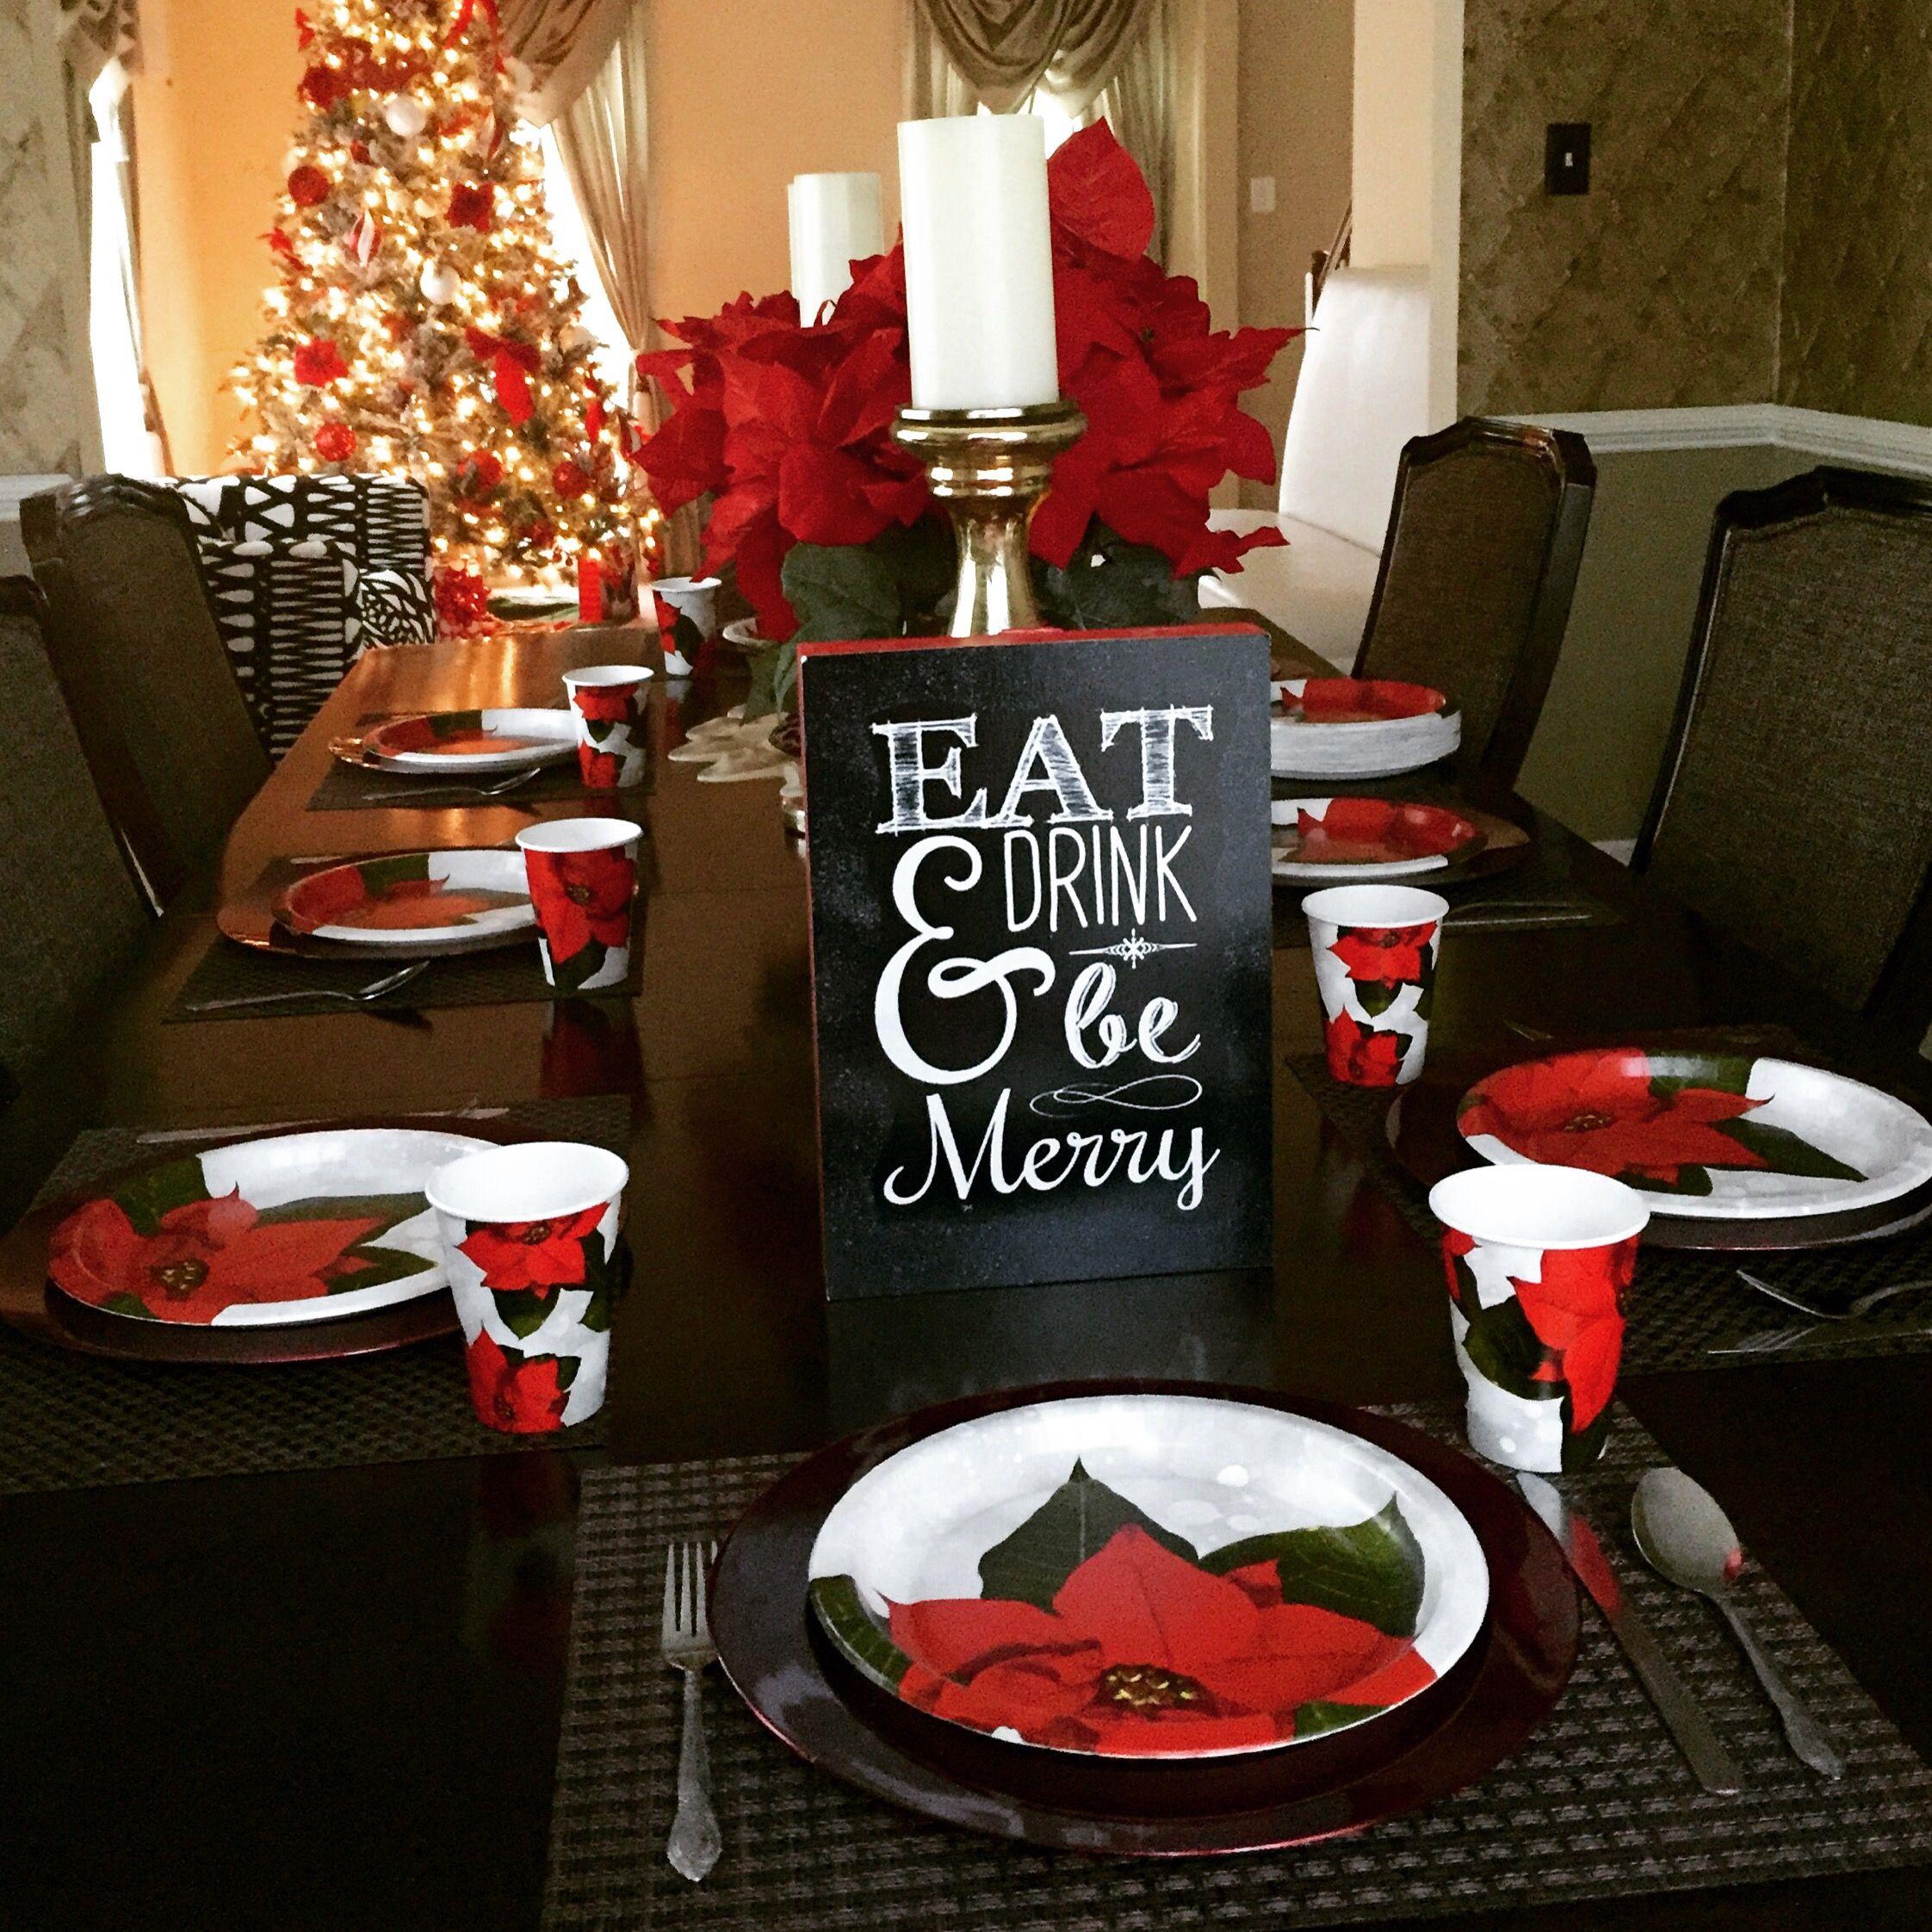 Budget Christmas Dinner Table Setting \u0026 Centerpieces & Budget Christmas Dinner Table Setting \u0026 Centerpieces | Christmas ...